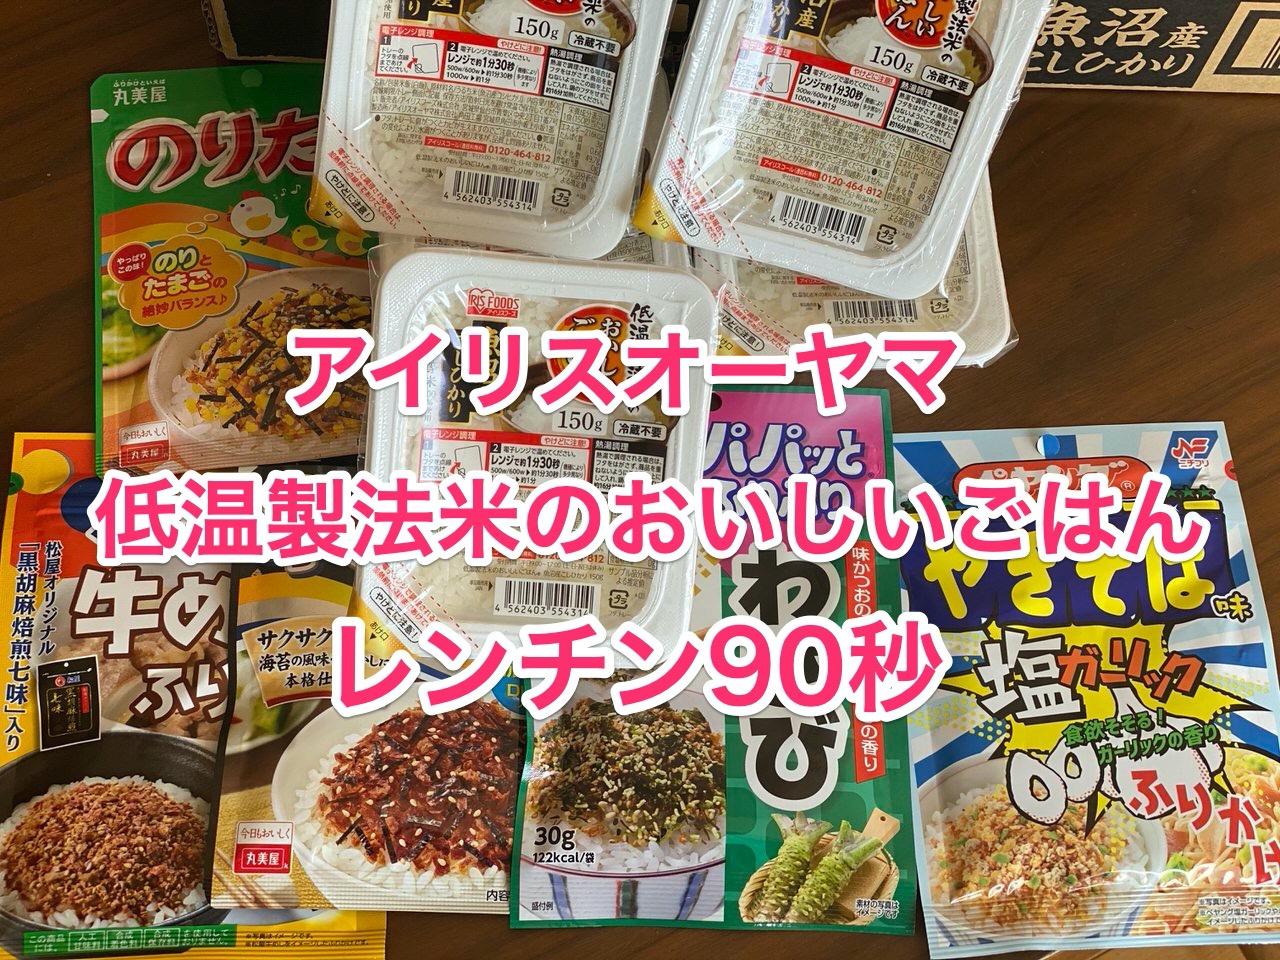 アイリスオーヤマ「低温製法米のおいしいごはん」90秒のレンチンご飯をふりかけと納豆で食べ比べ!旨さが侮れない!